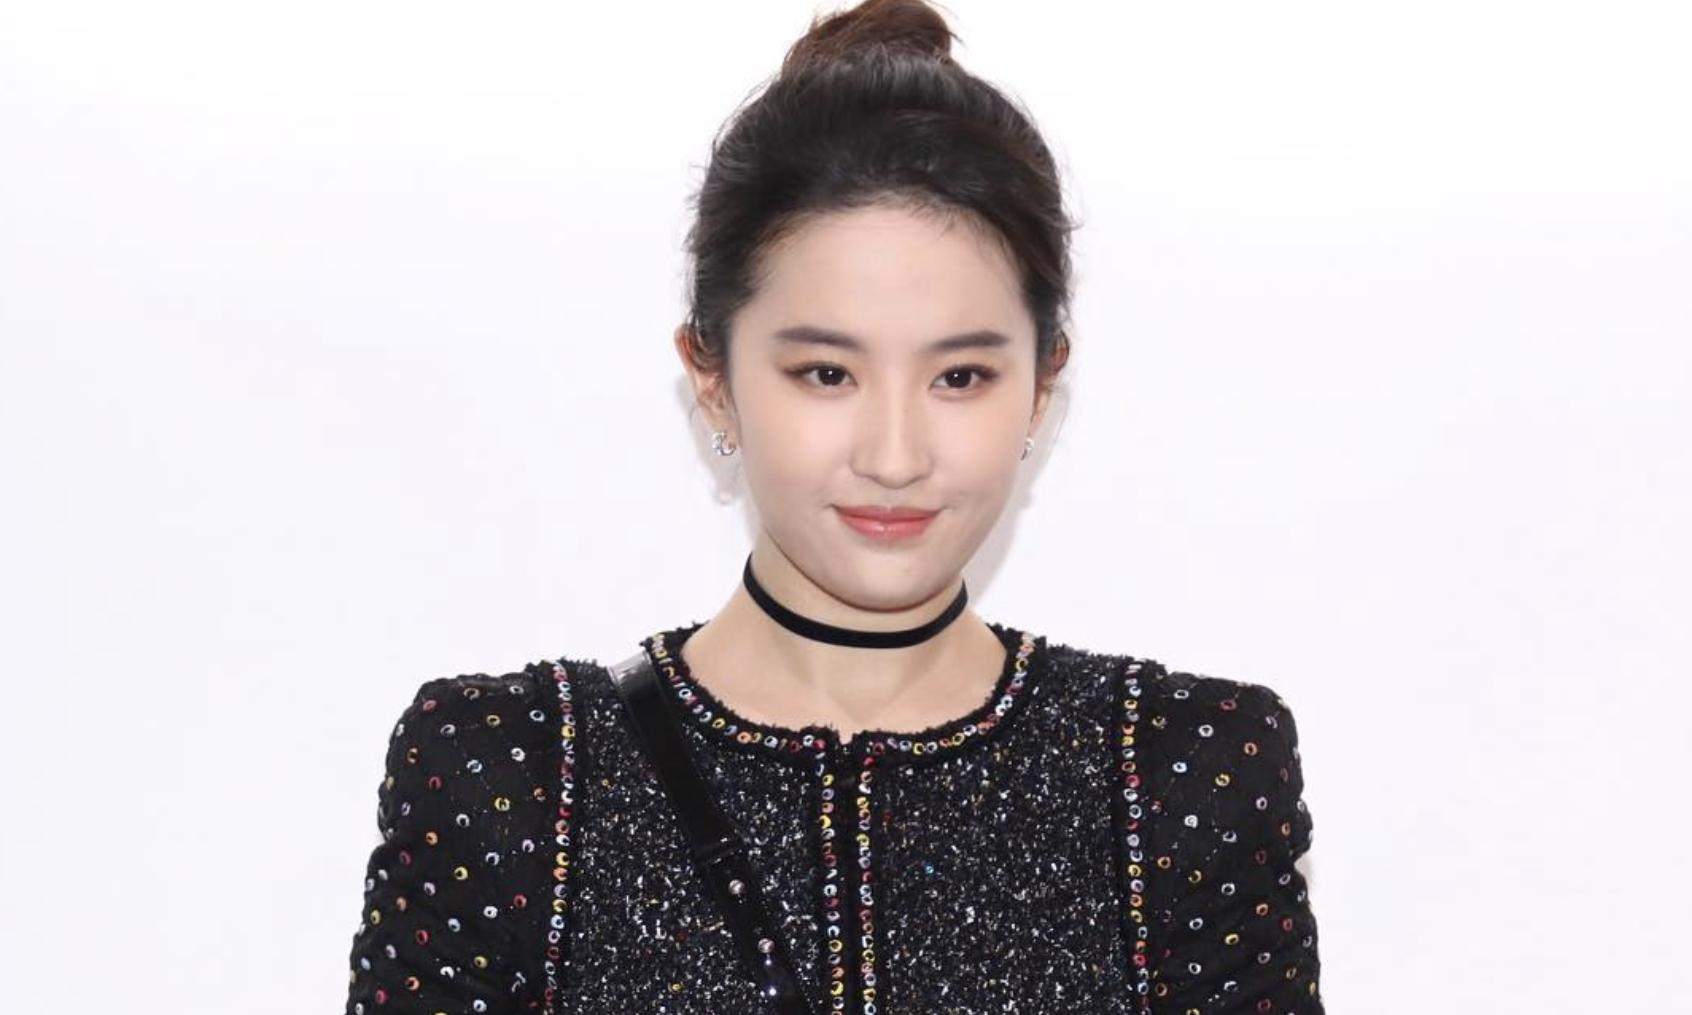 迪士尼宣布真人版《花木兰》将由刘亦菲饰演